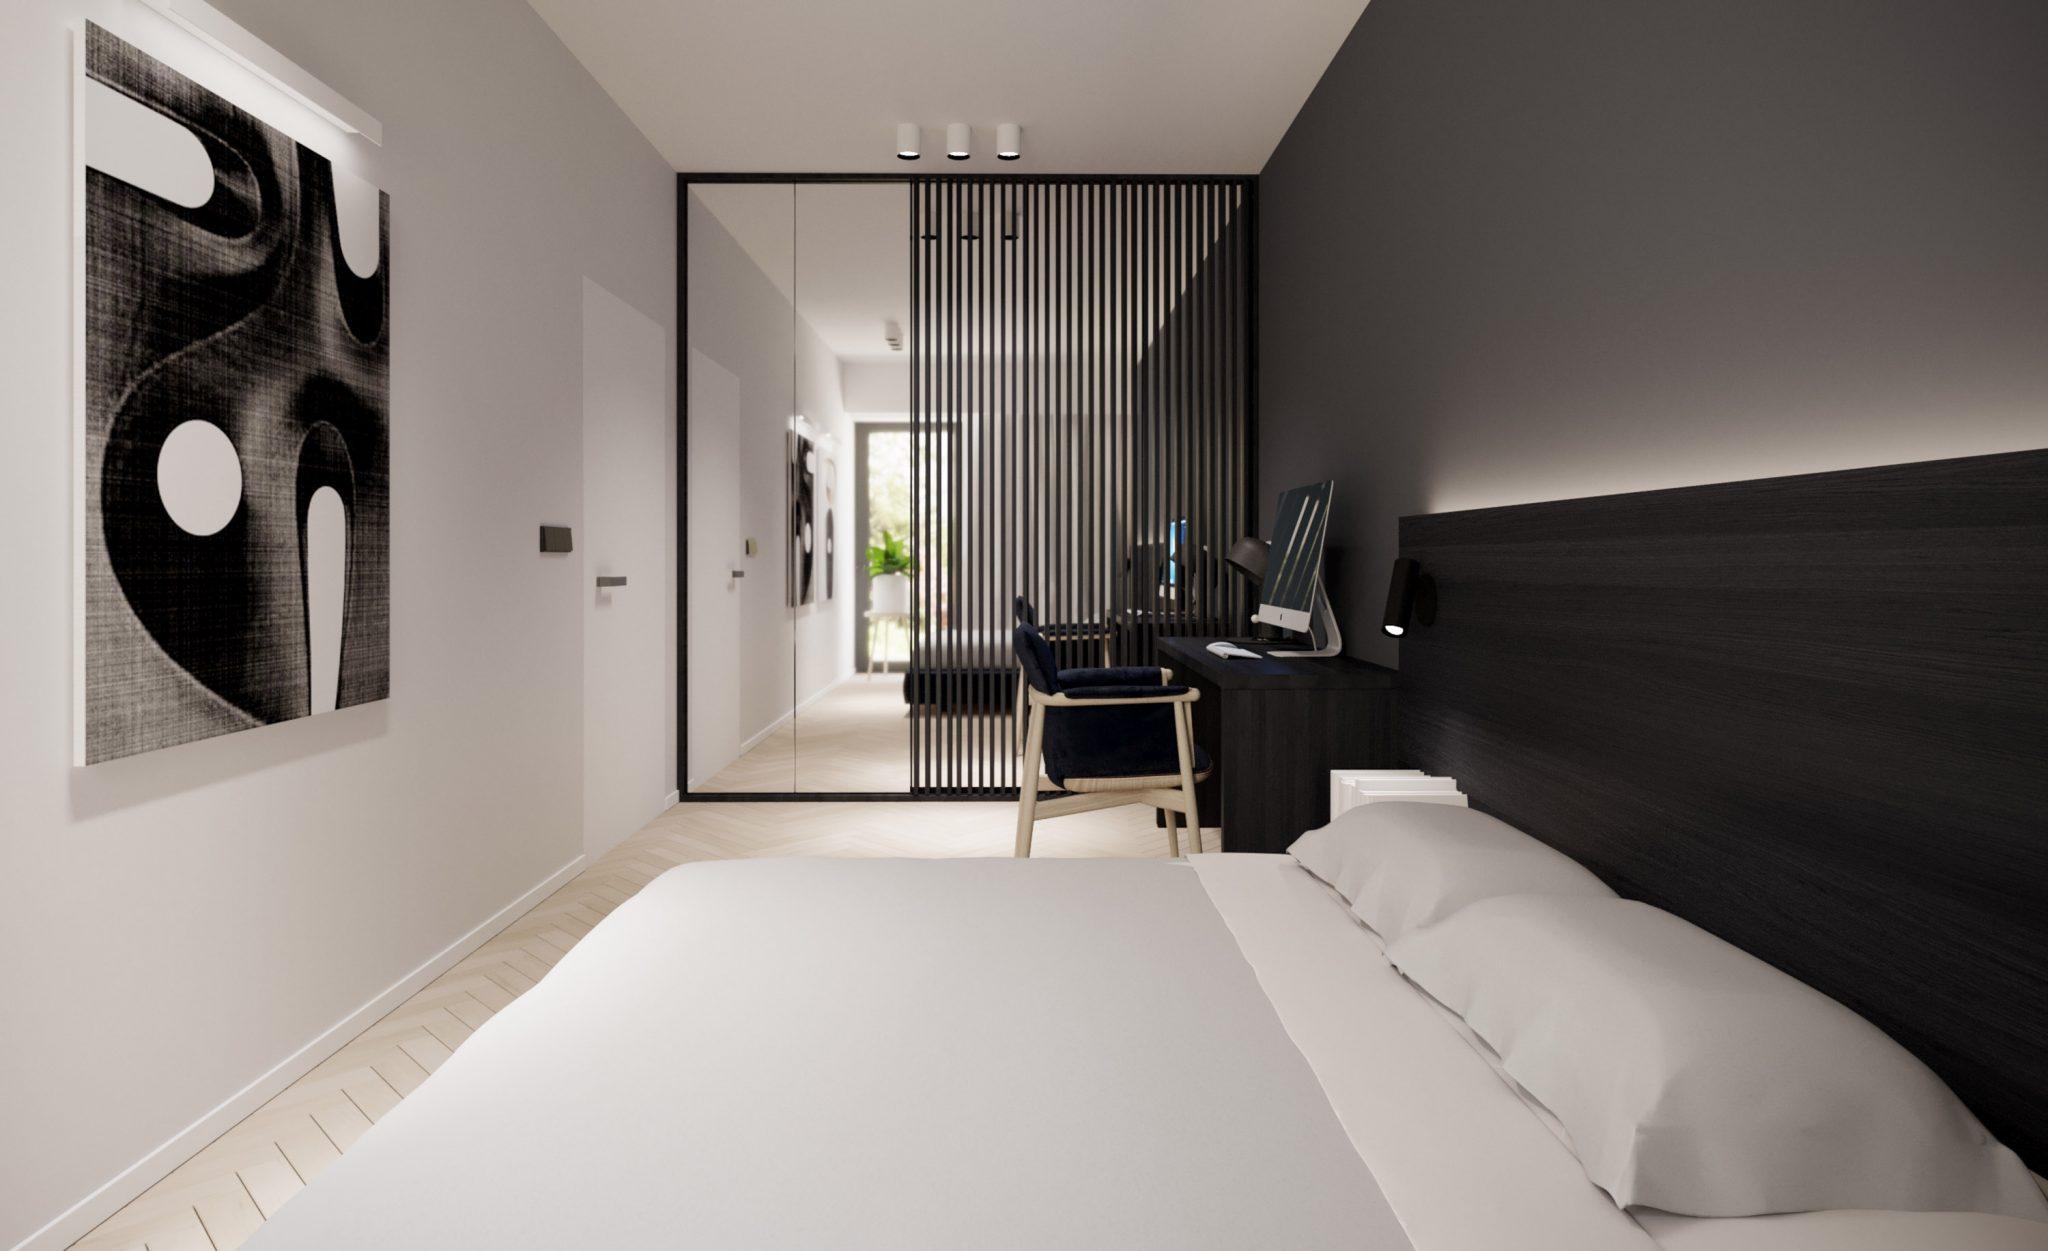 Sypialnia - Figiel - projekt mieszkania - Kael - architekt Warszawa